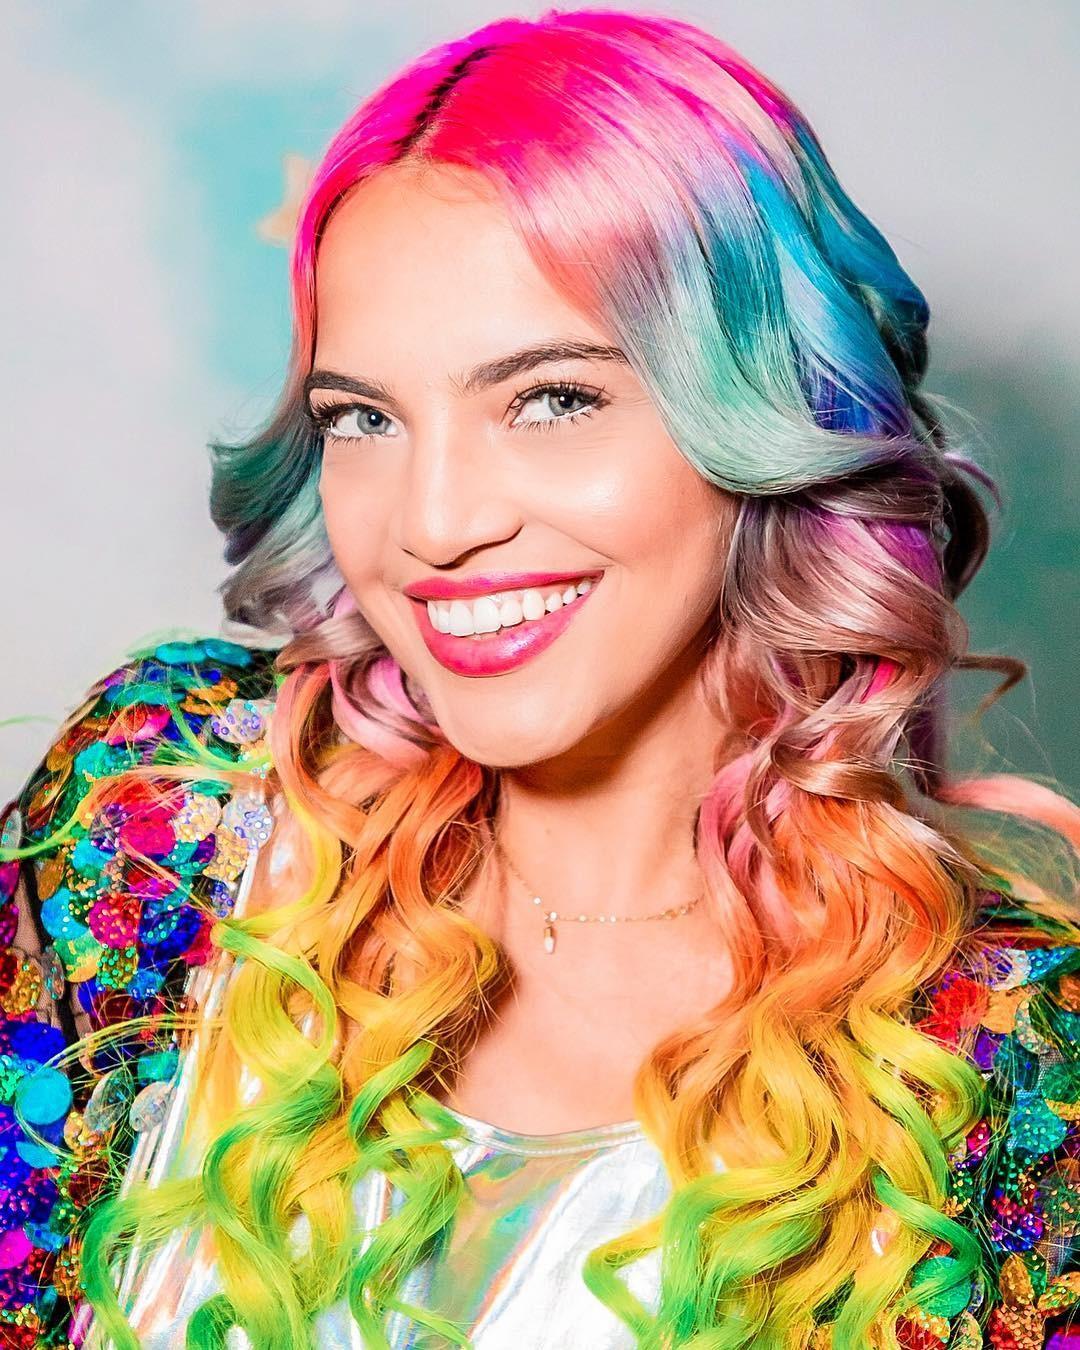 O canal Hi Gorgeous, da brasileira Anna Layza, bateu o recorde de maior transmissão ao vivo da história do Youtube (Foto: Reprodução / Instagram)